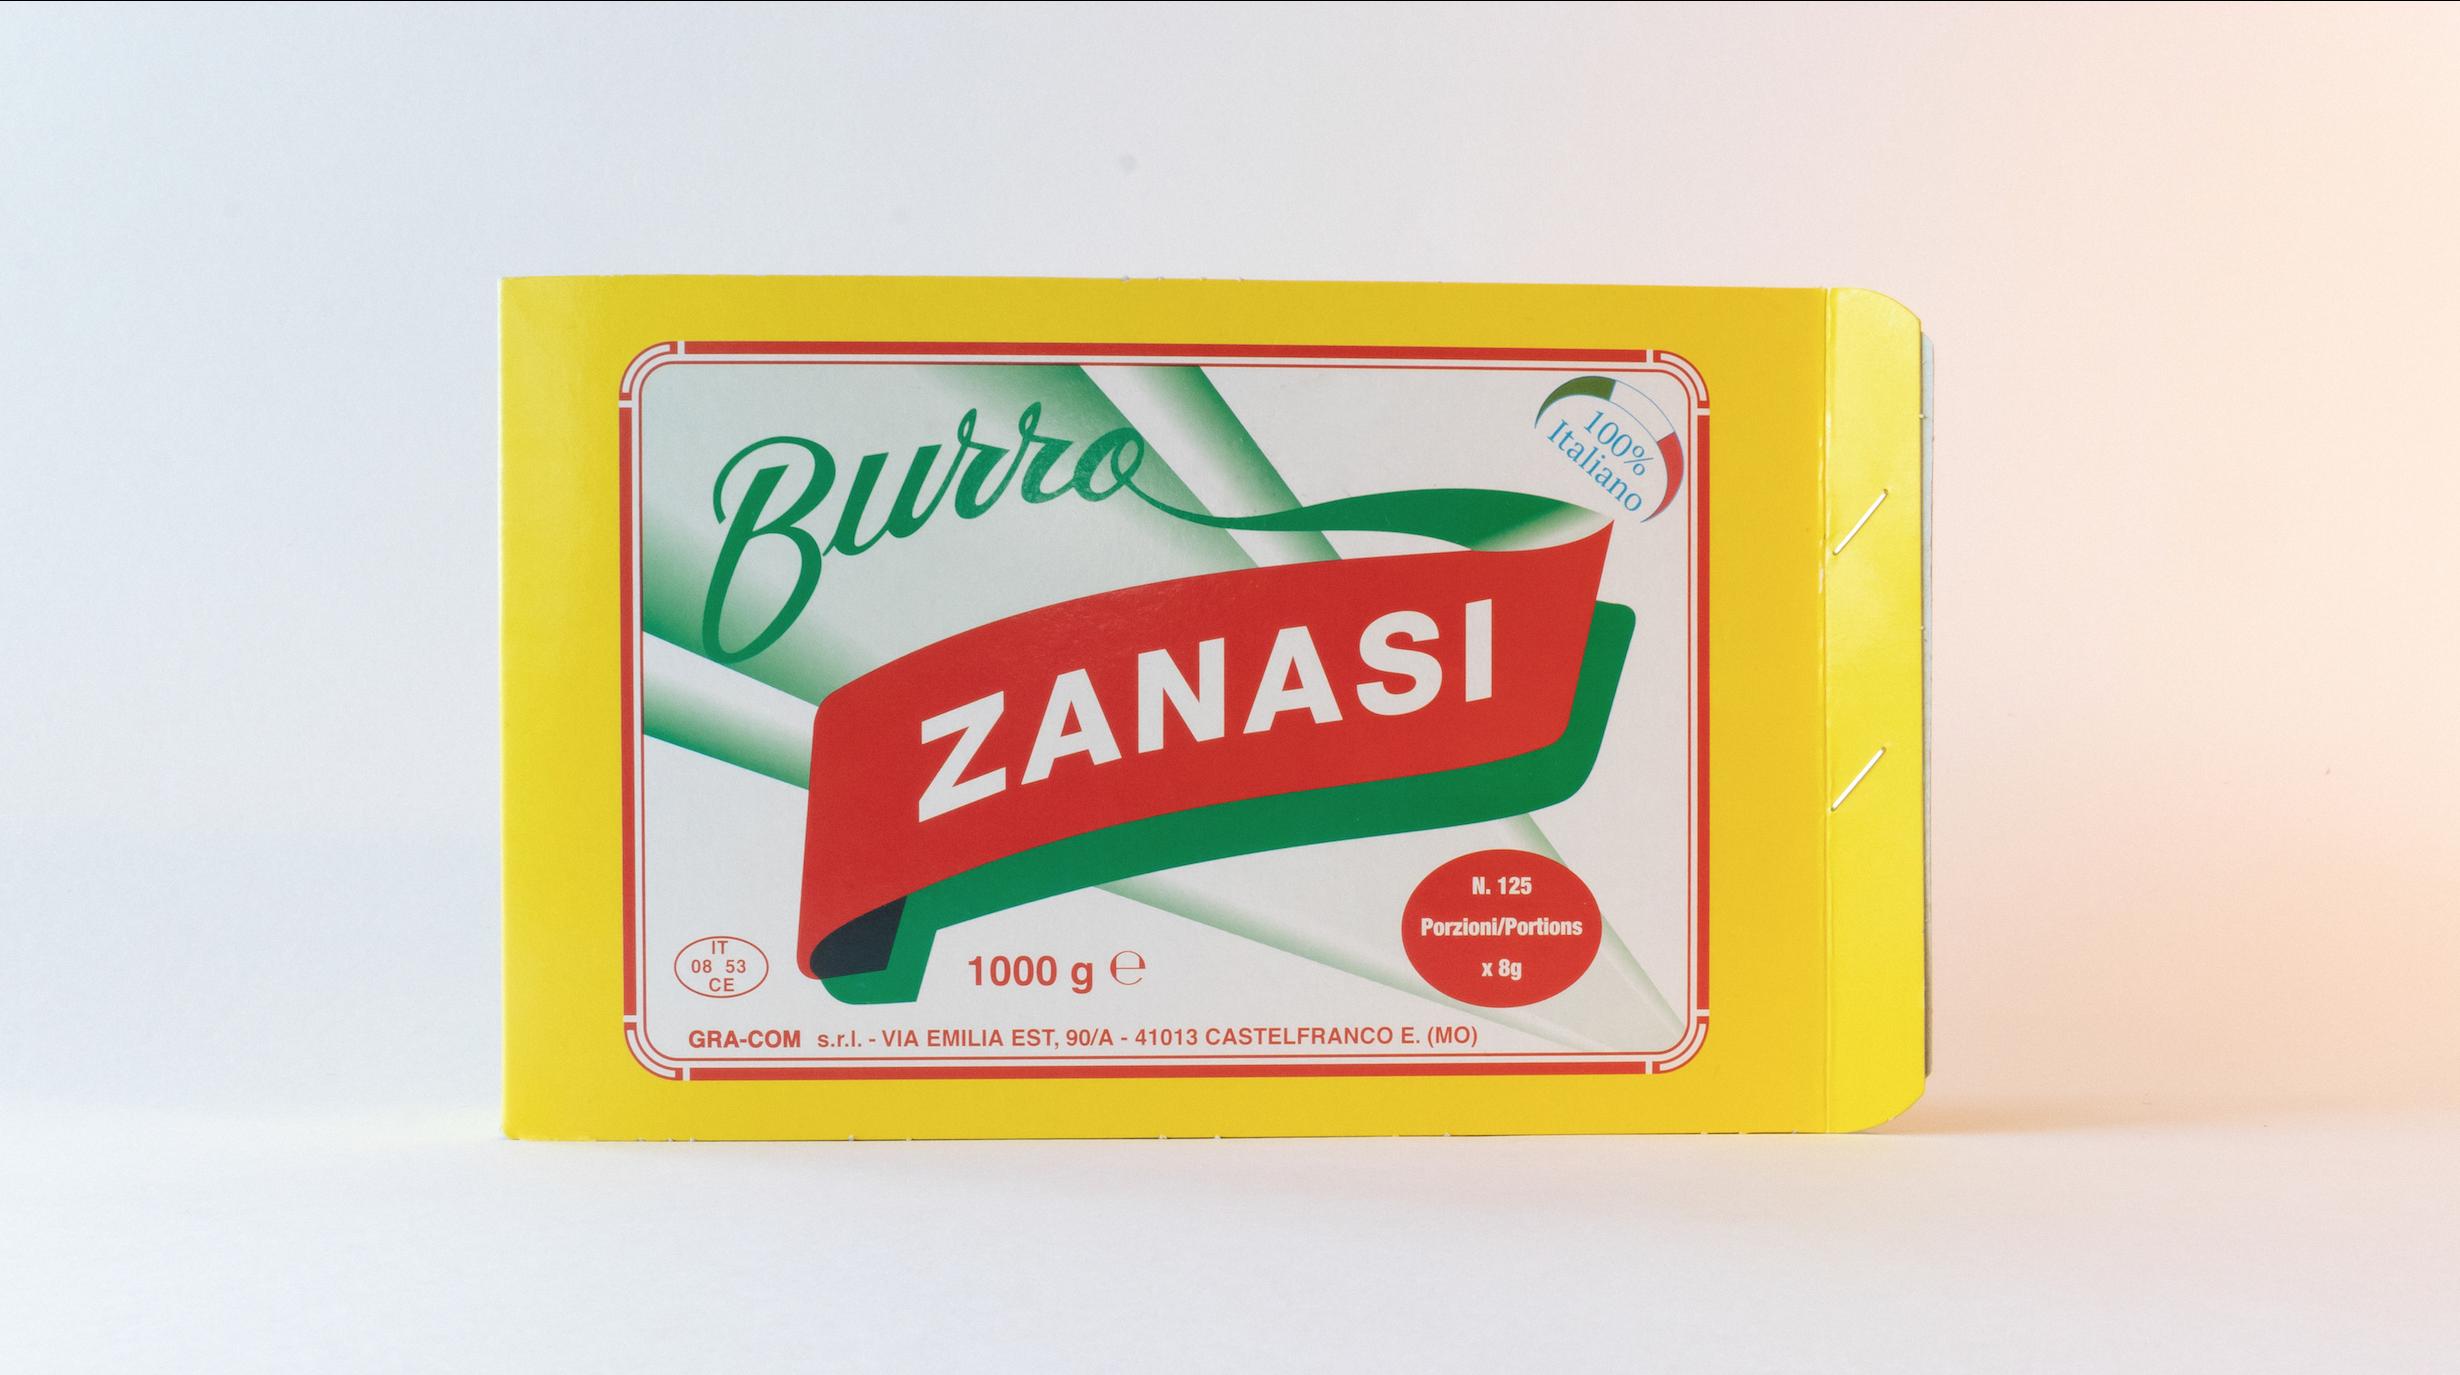 Burro Porzioni Zanasi - formato Hotel 8 gr per porzione. Prodotto da panne 100% italiane.